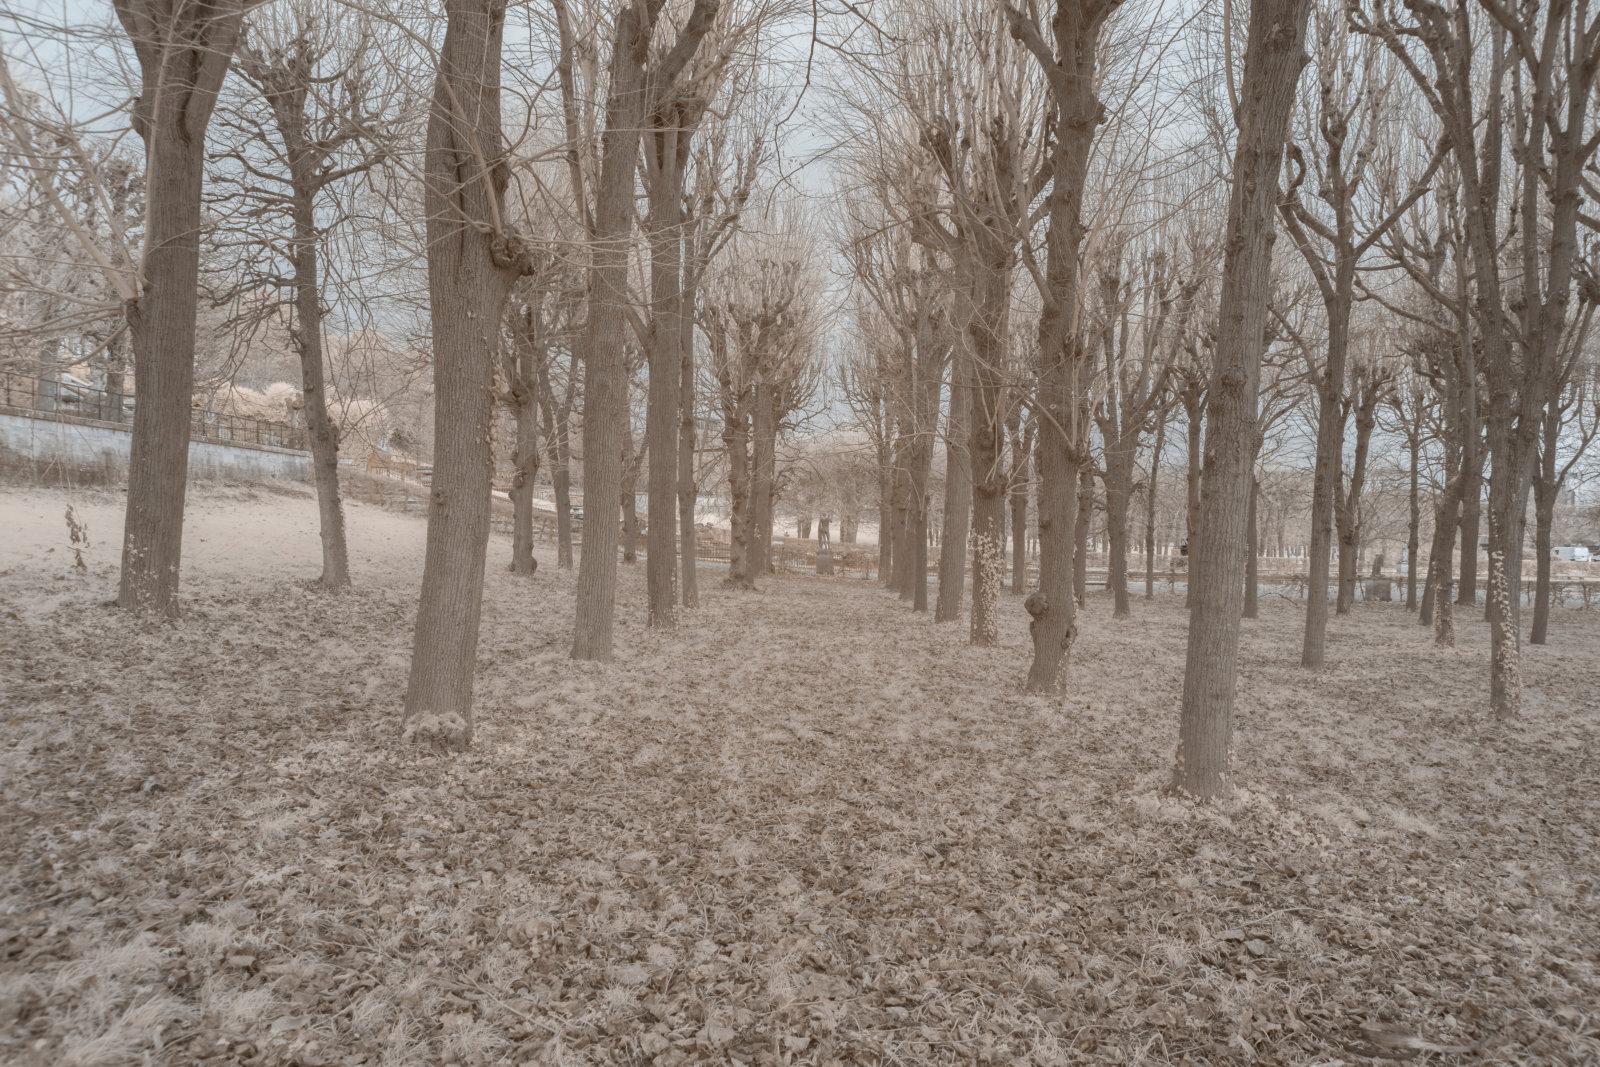 DETAILS 2 24mm F8 CANON | Pierre-Louis Ferrer | Test du SIGMA 24mm F/1.4 DG HSM Art en photographie infrarouge | Partie 1